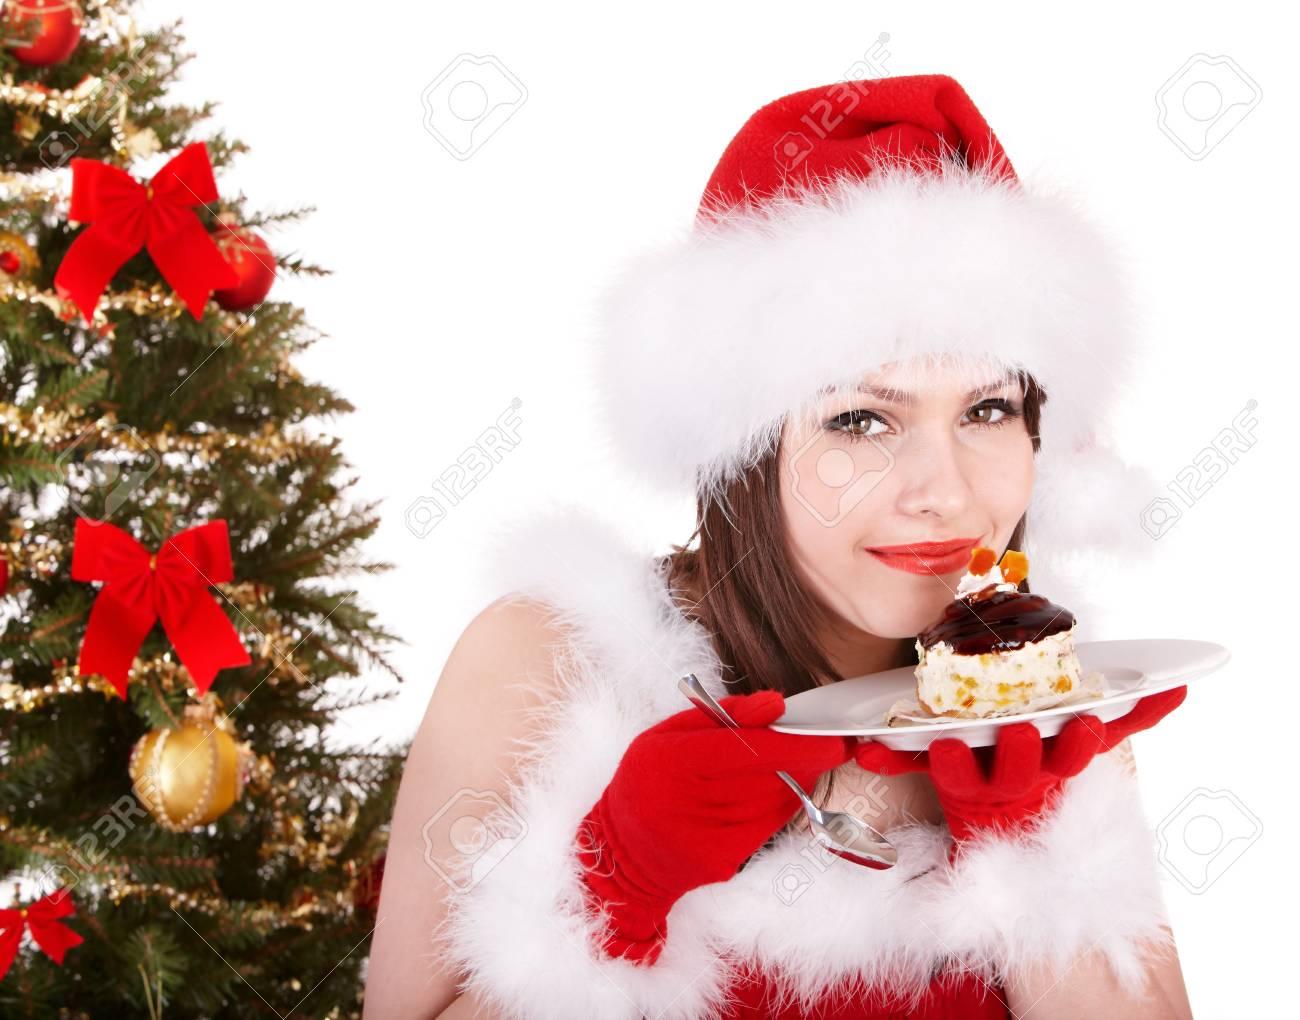 Weihnachten Mädchen Im Roten Sankt-Hut Und Kuchen Auf Dem Teller ...